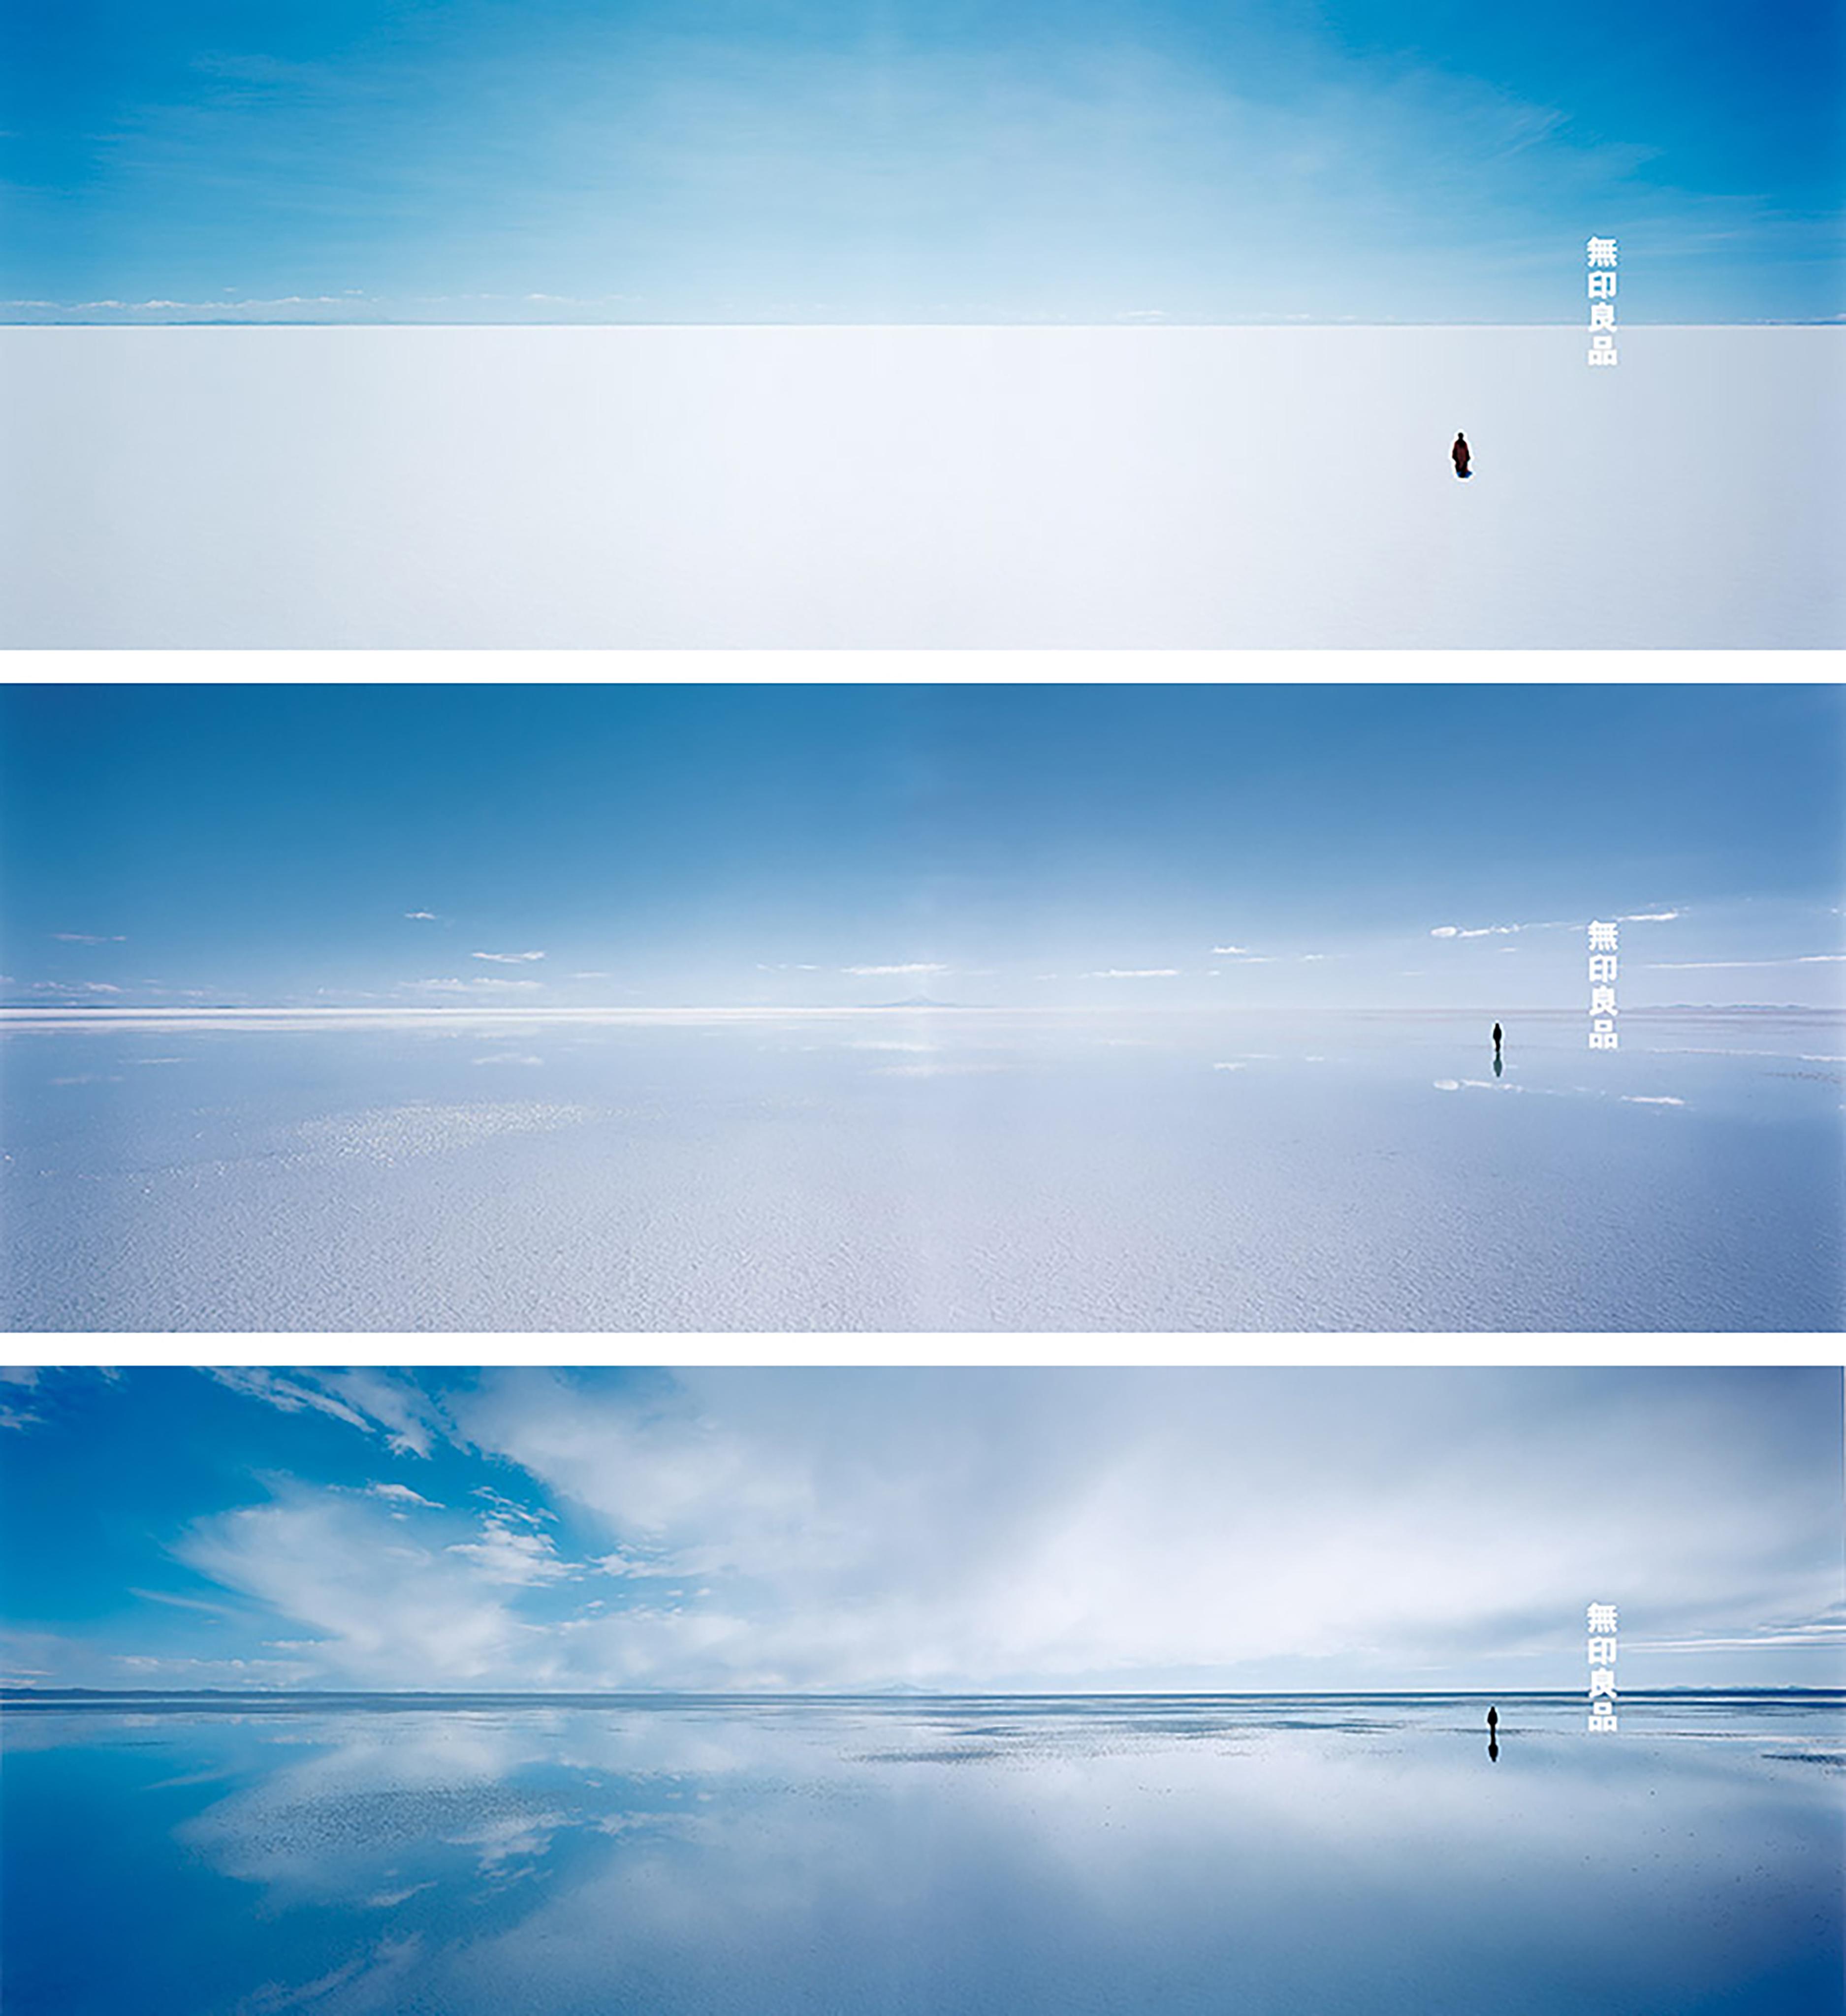 原研哉聯同攝影師藤井保創作的二〇〇三年年無印良品宣傳海報。